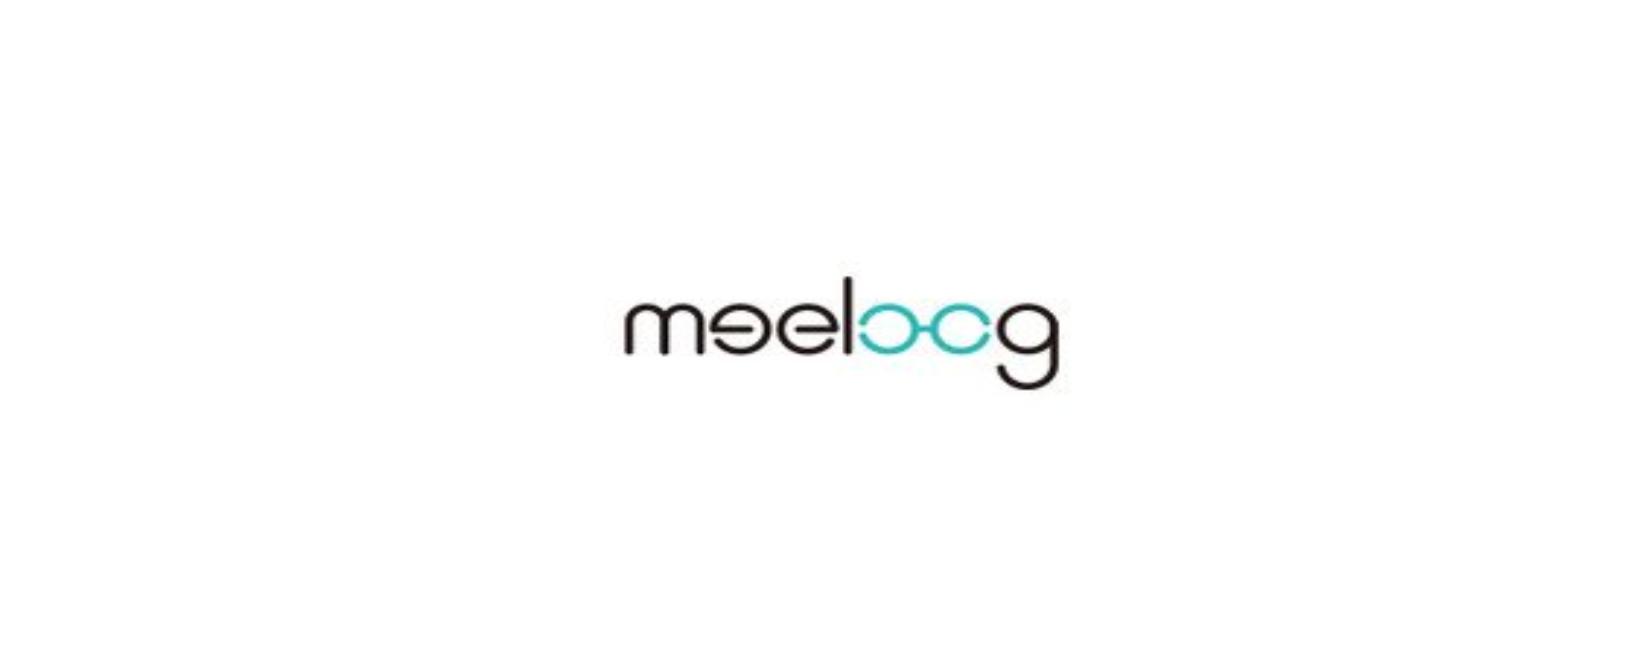 Meeloog Discount Code 2021